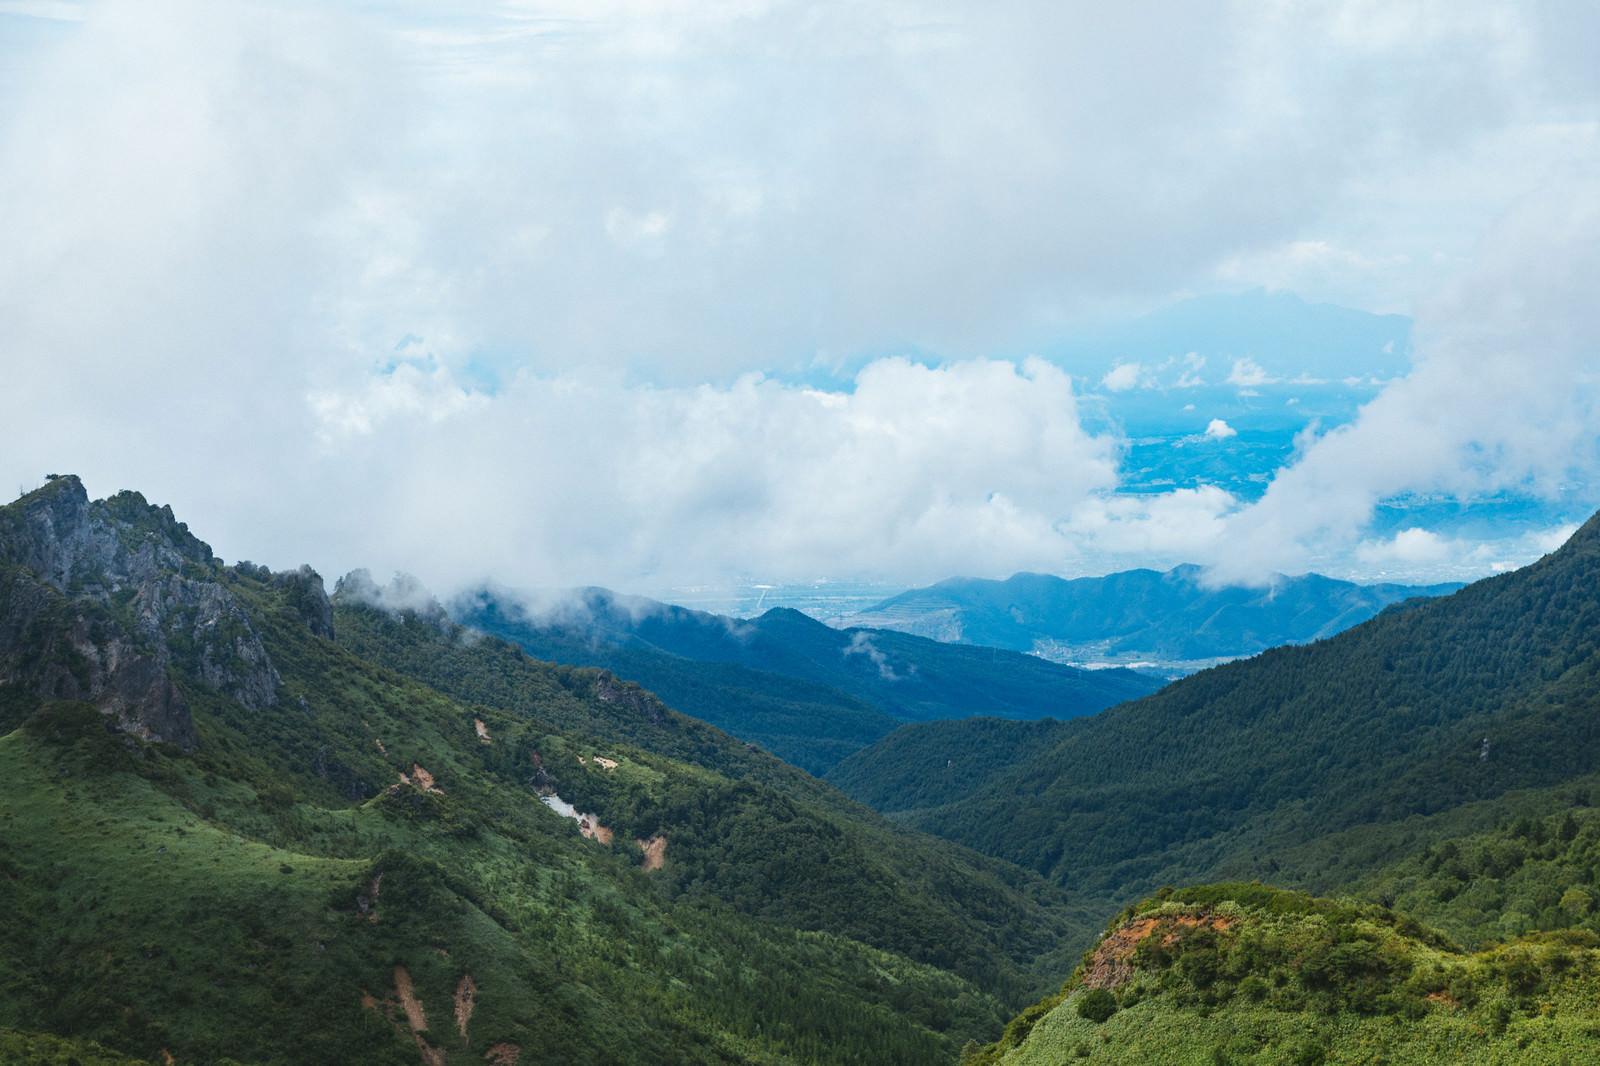 「夏の毛無峠からの景観」の写真